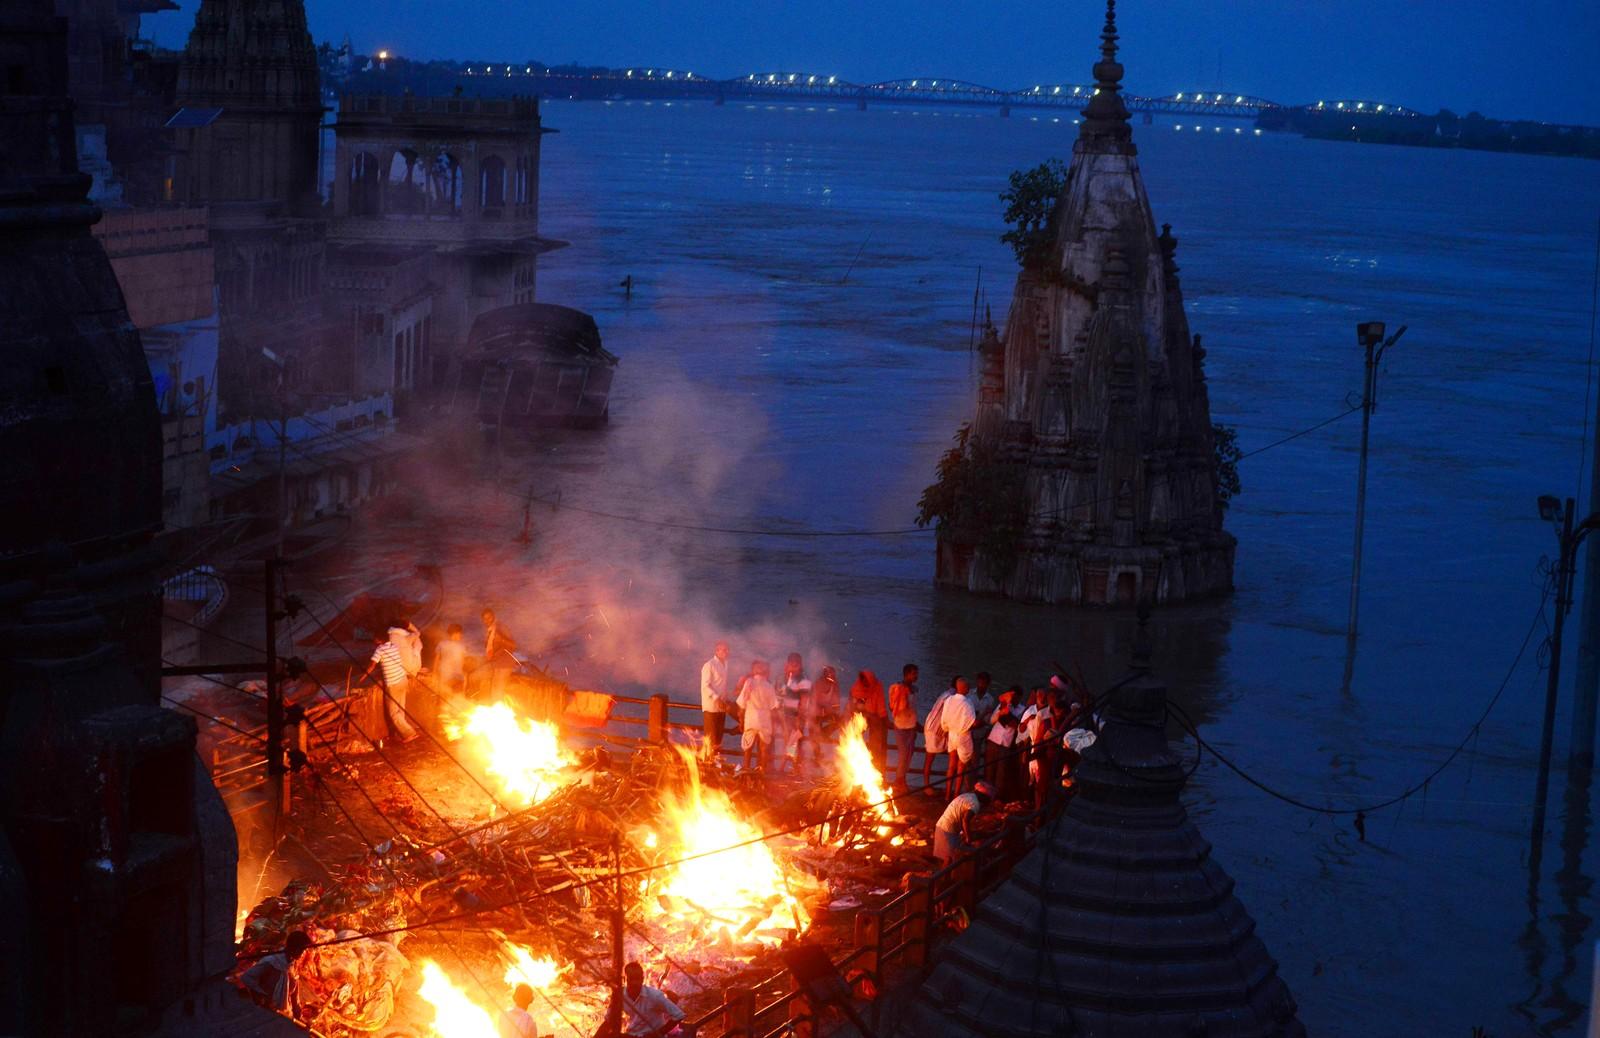 Indiske sørgende under en kremasjon på taket til en bygning i Varanasi i India den 23. august. Den hellige byen Varanasi har blitt tvunget til å stoppe kremasjoner langs elven Ganges på grunn av farlige flommer. Mer enn 100.000 mennesker har måttet flykte fra hjemmene sine de siste dagene etter at elver har gått over breddene.